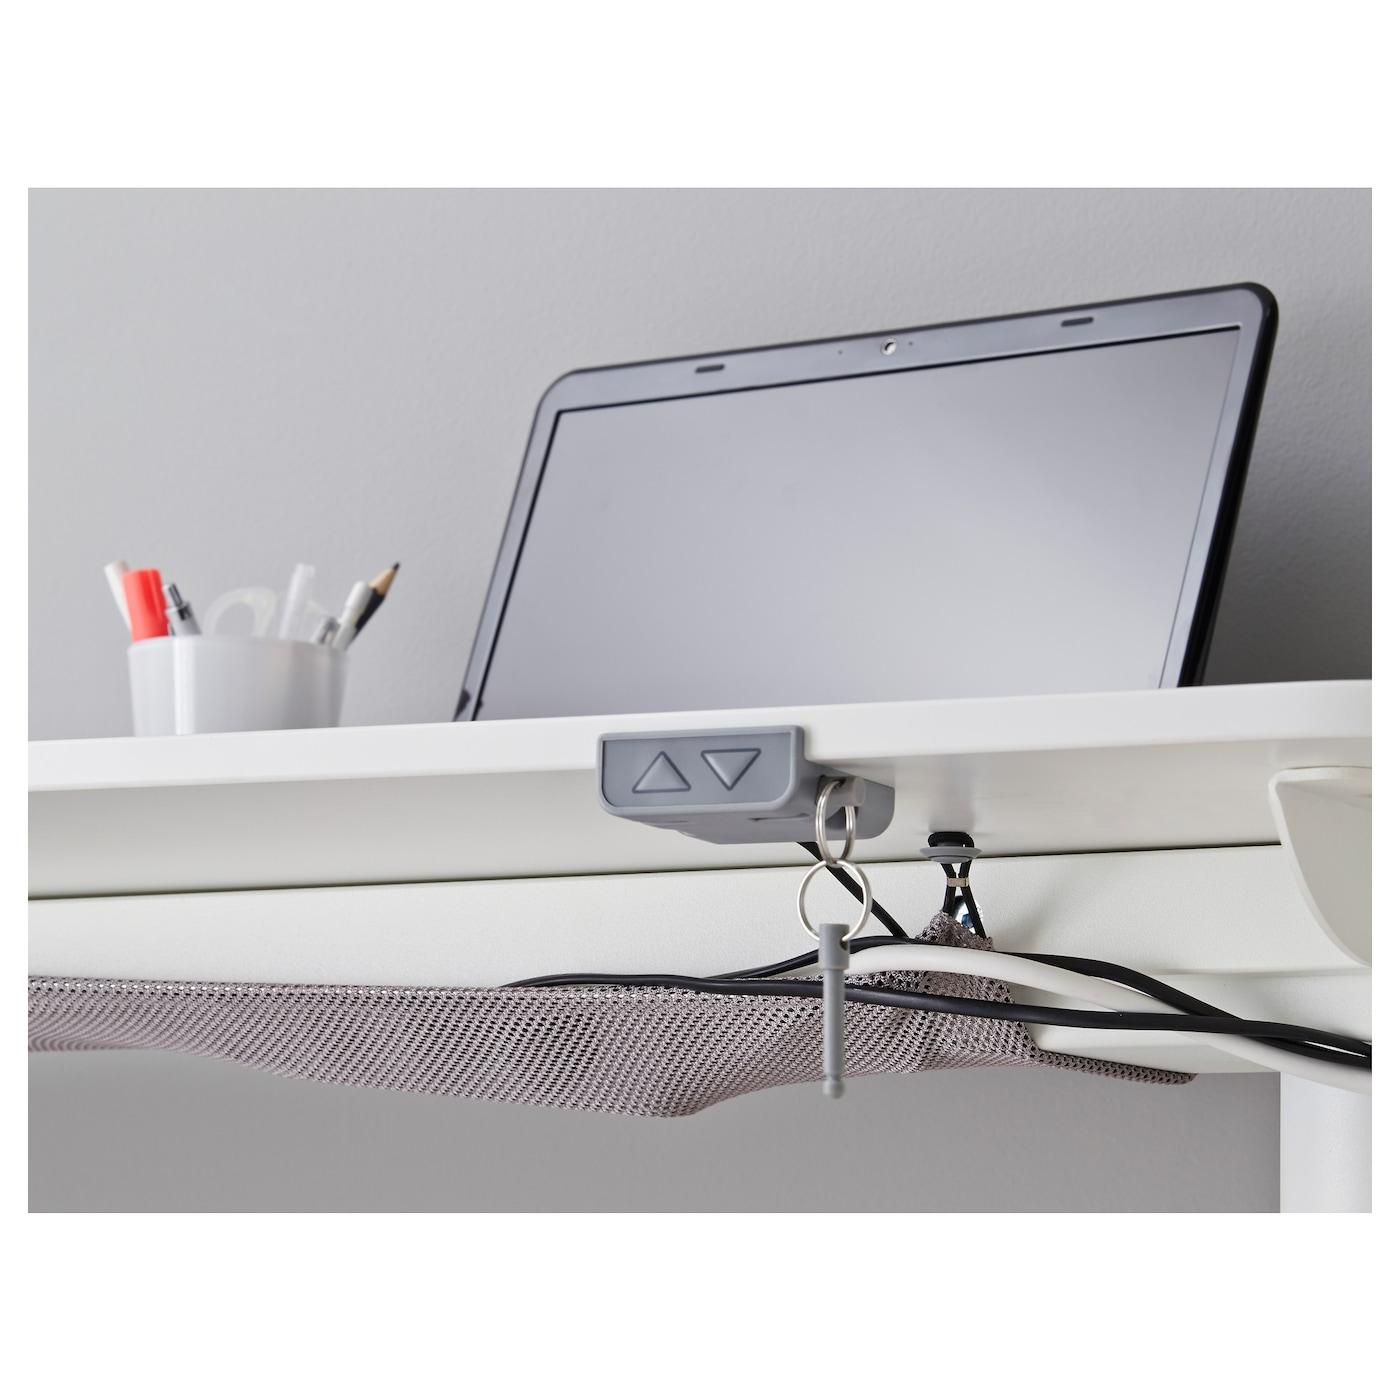 converter adjustable desk ikea sit skookum cheap stand workstation standing table imagination most